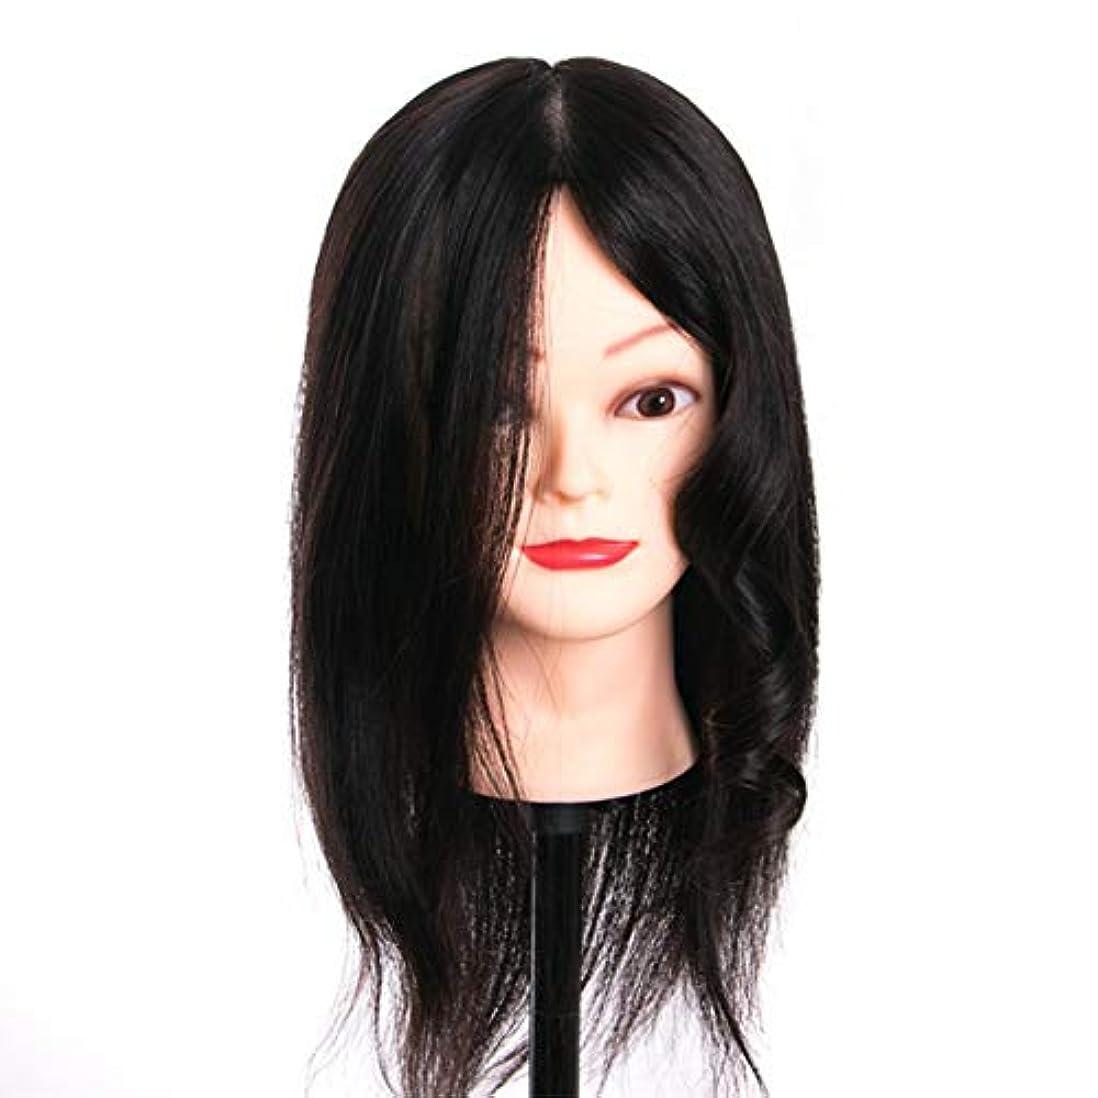 設計図防ぐお世話になったメイクディスクヘアスタイリング編み教育ダミーヘッドサロンエクササイズヘッド金型理髪ヘアカットトレーニングかつら3個